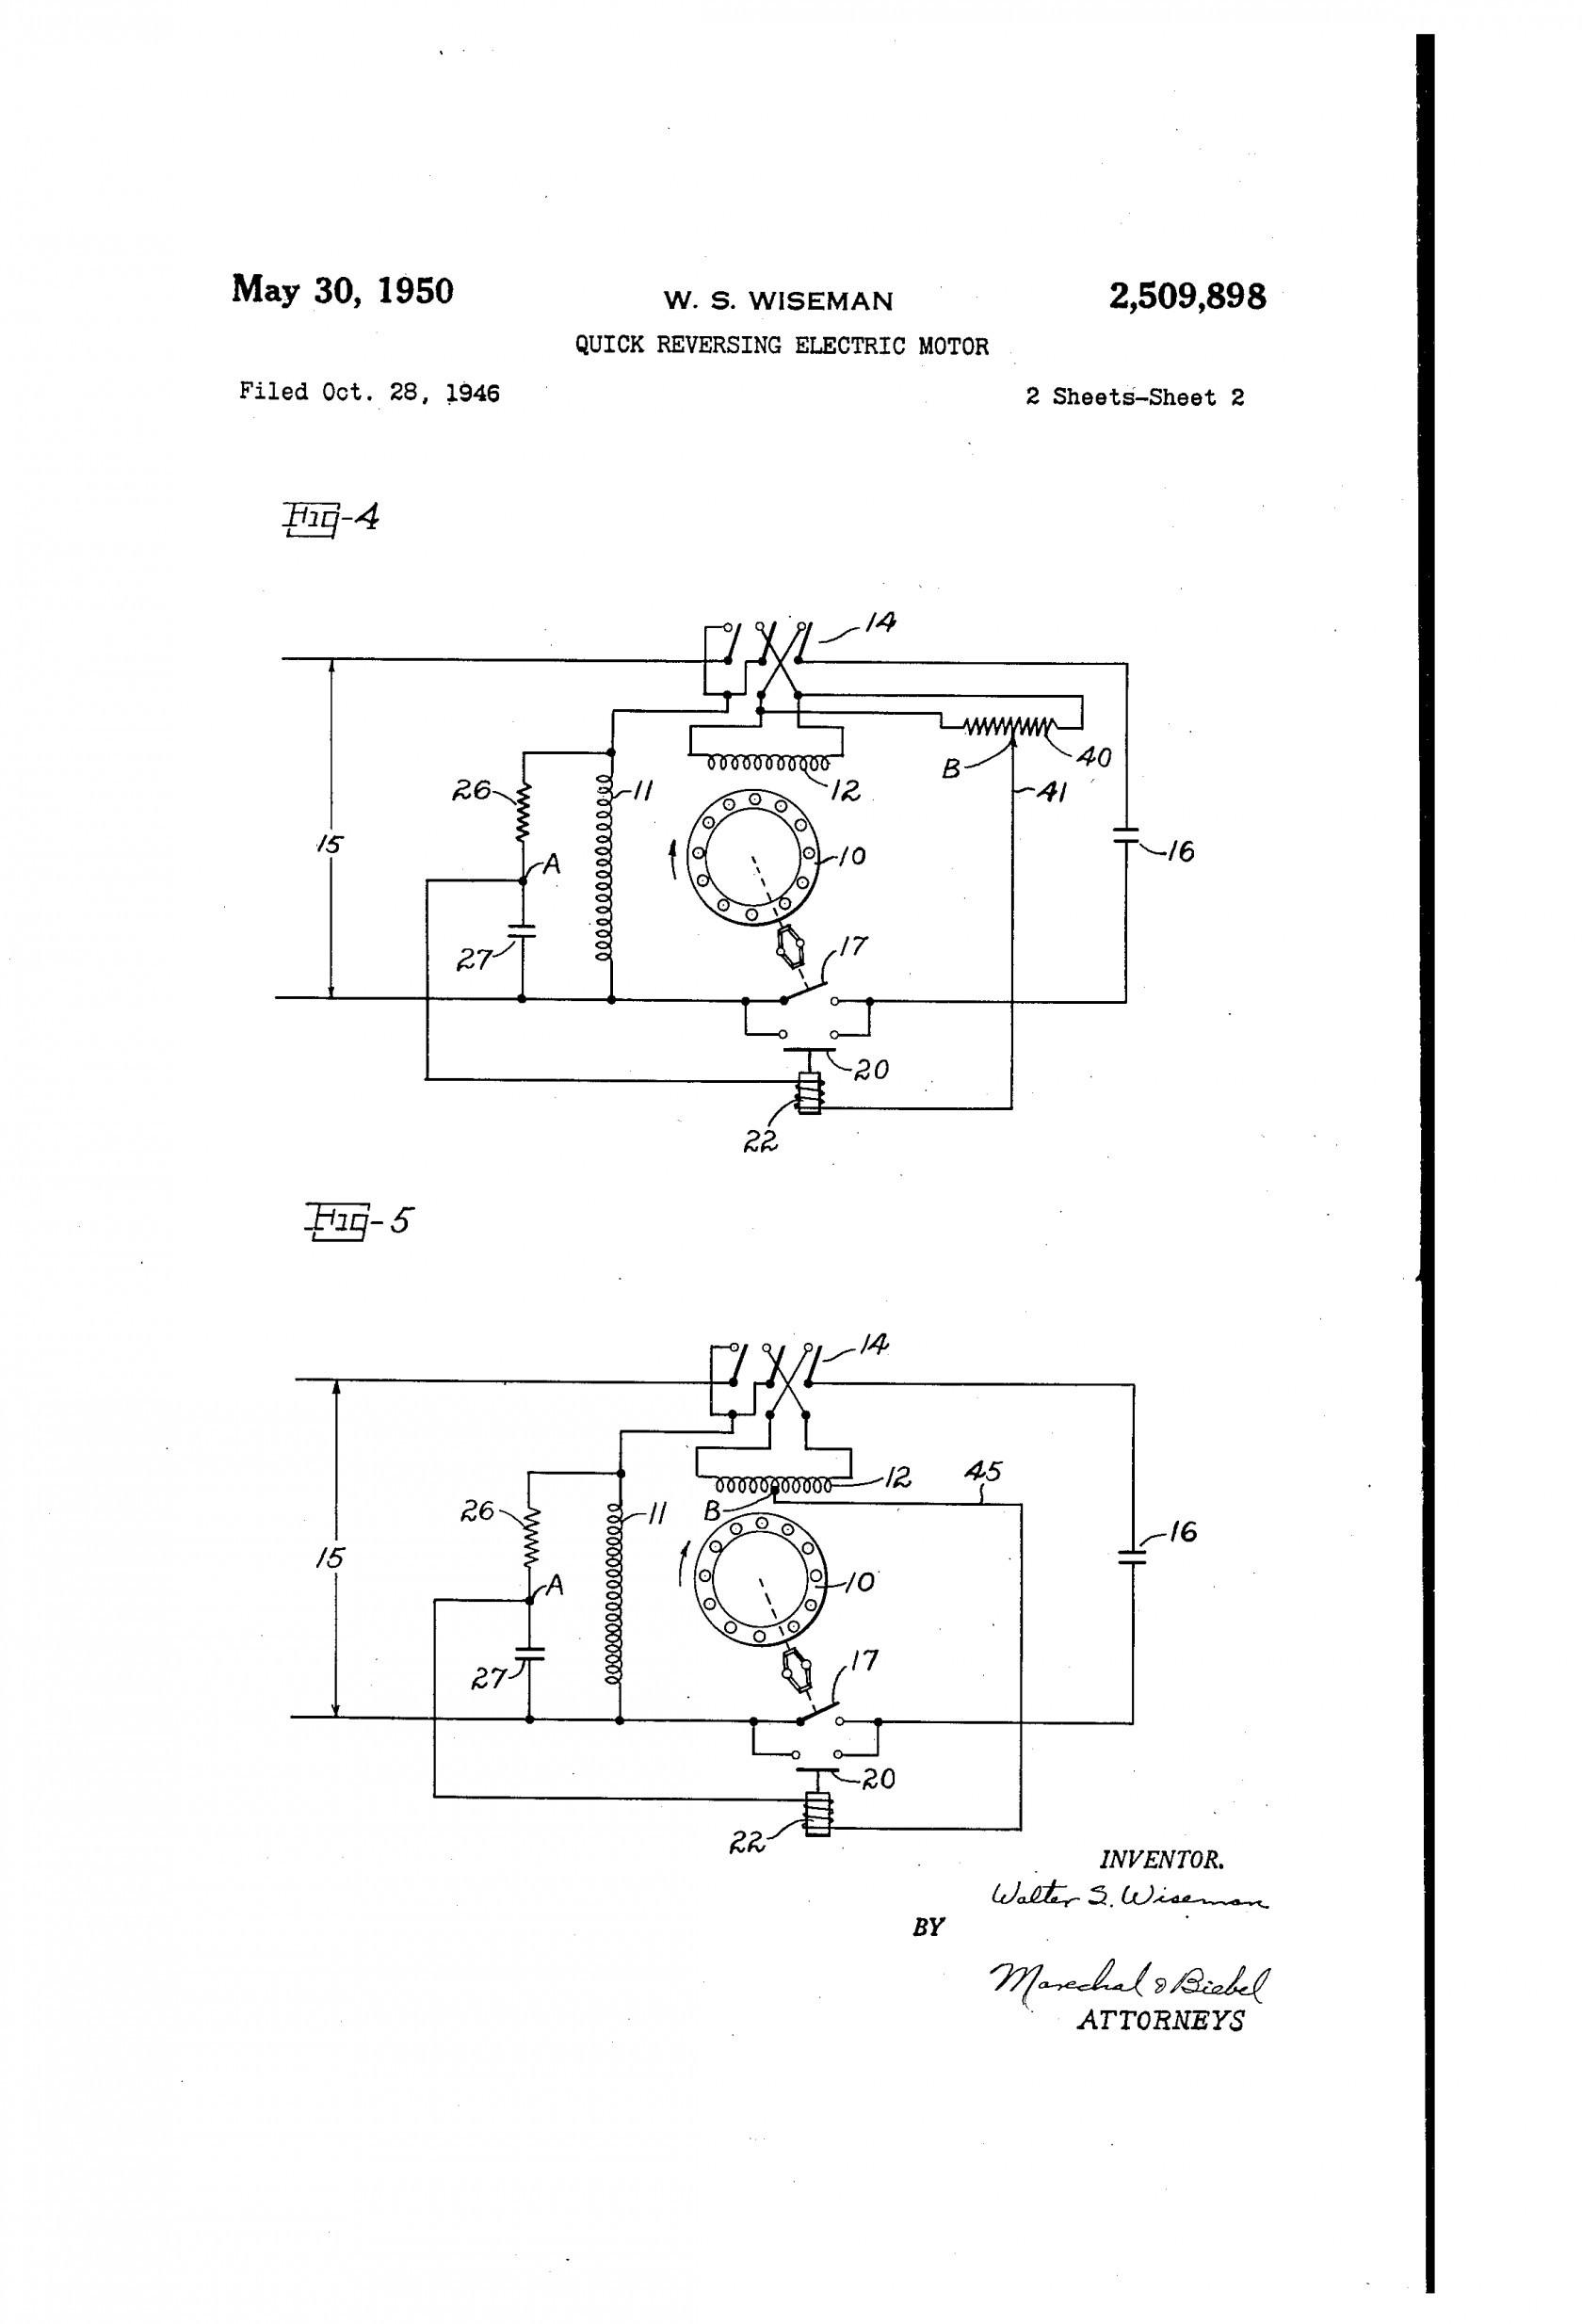 Baldor Motor Capacitor Wiring Diagram Fantastic Wiring Diagram for Electric Motor with Capacitor Of Baldor Motor Capacitor Wiring Diagram